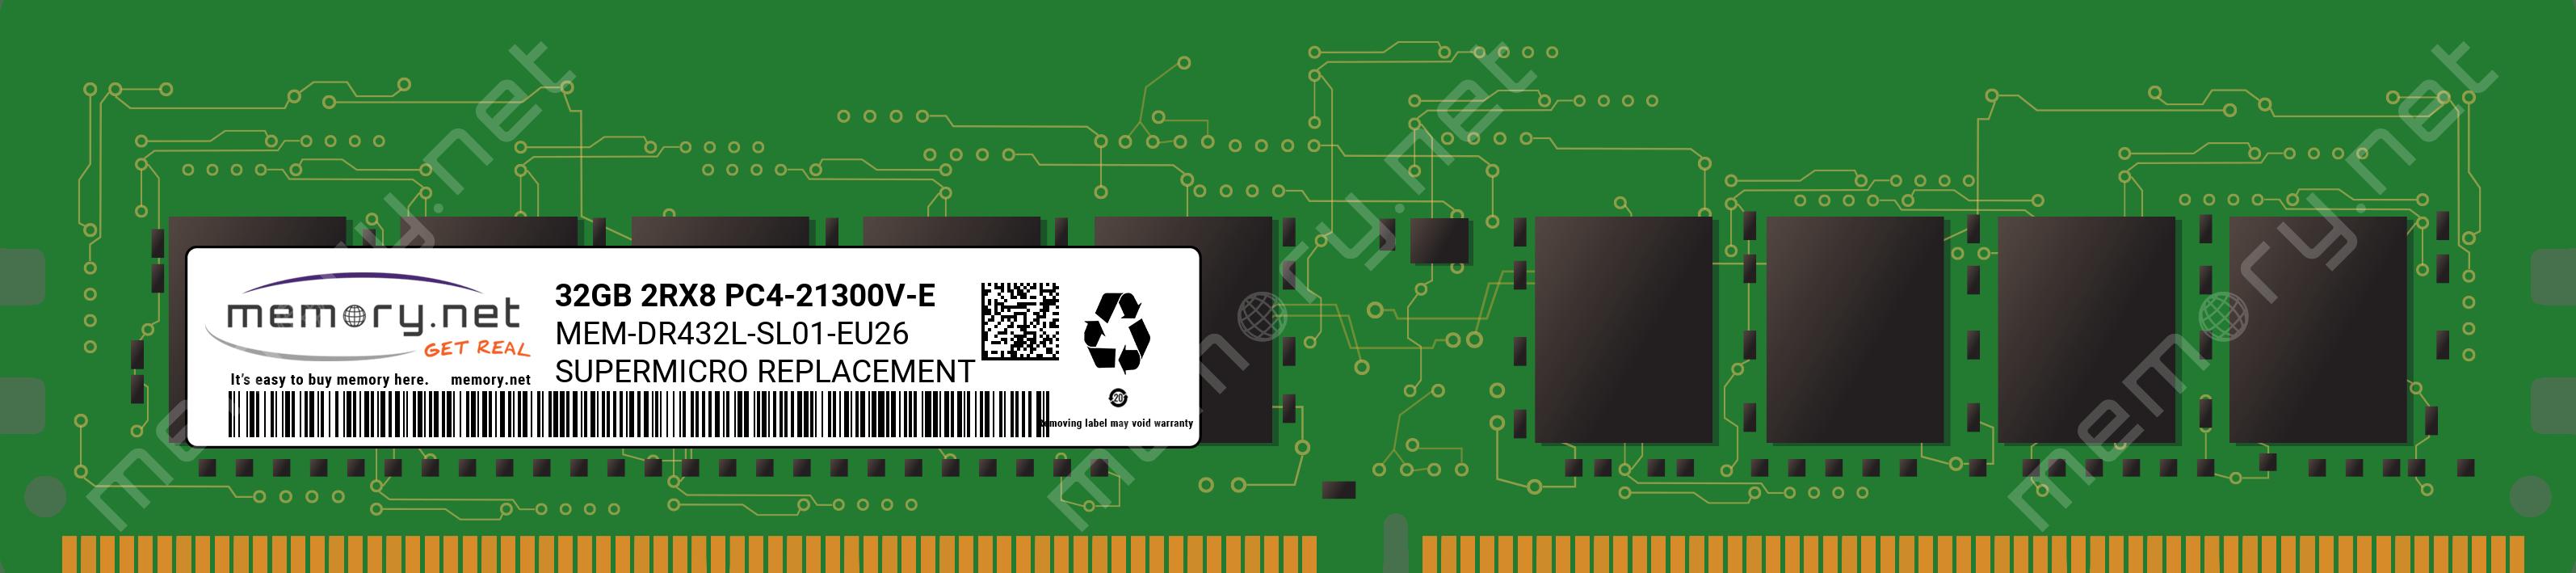 MEM-DR432L-SL01-EU26